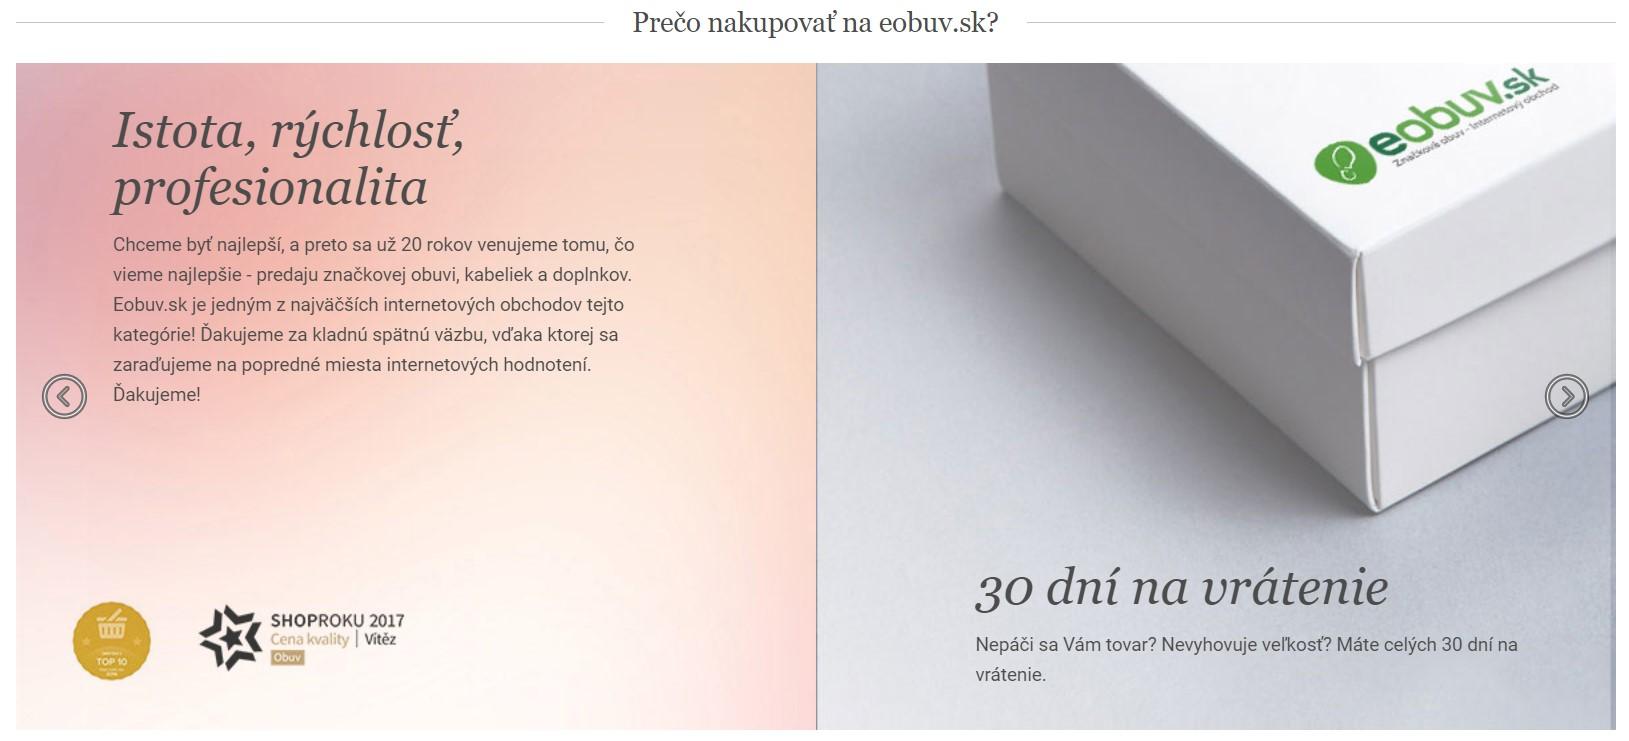 Výhody nákupu v e-shope Eobuv.sk